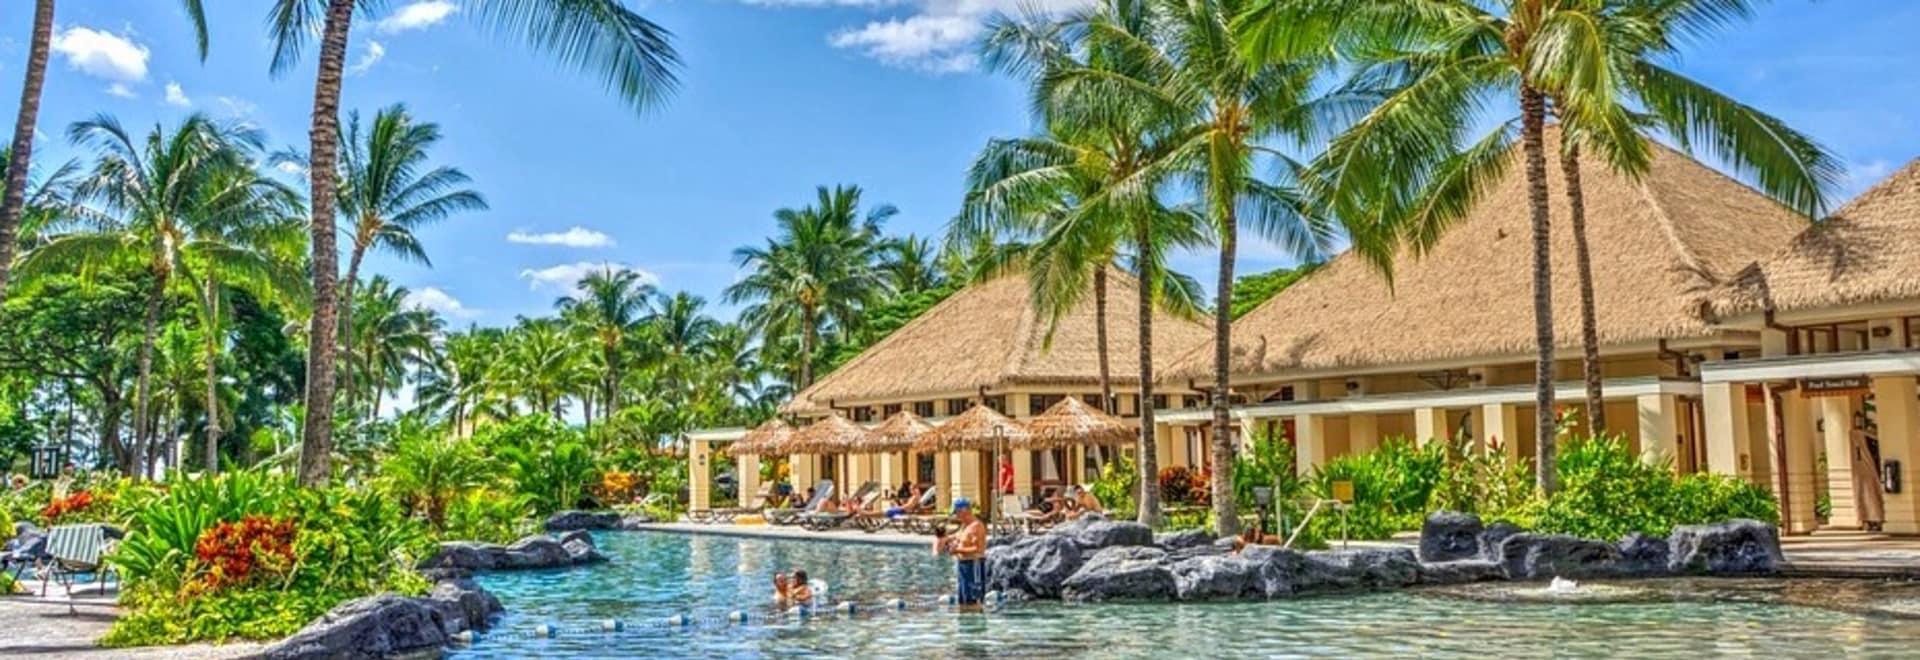 25 Best Thailand Resorts